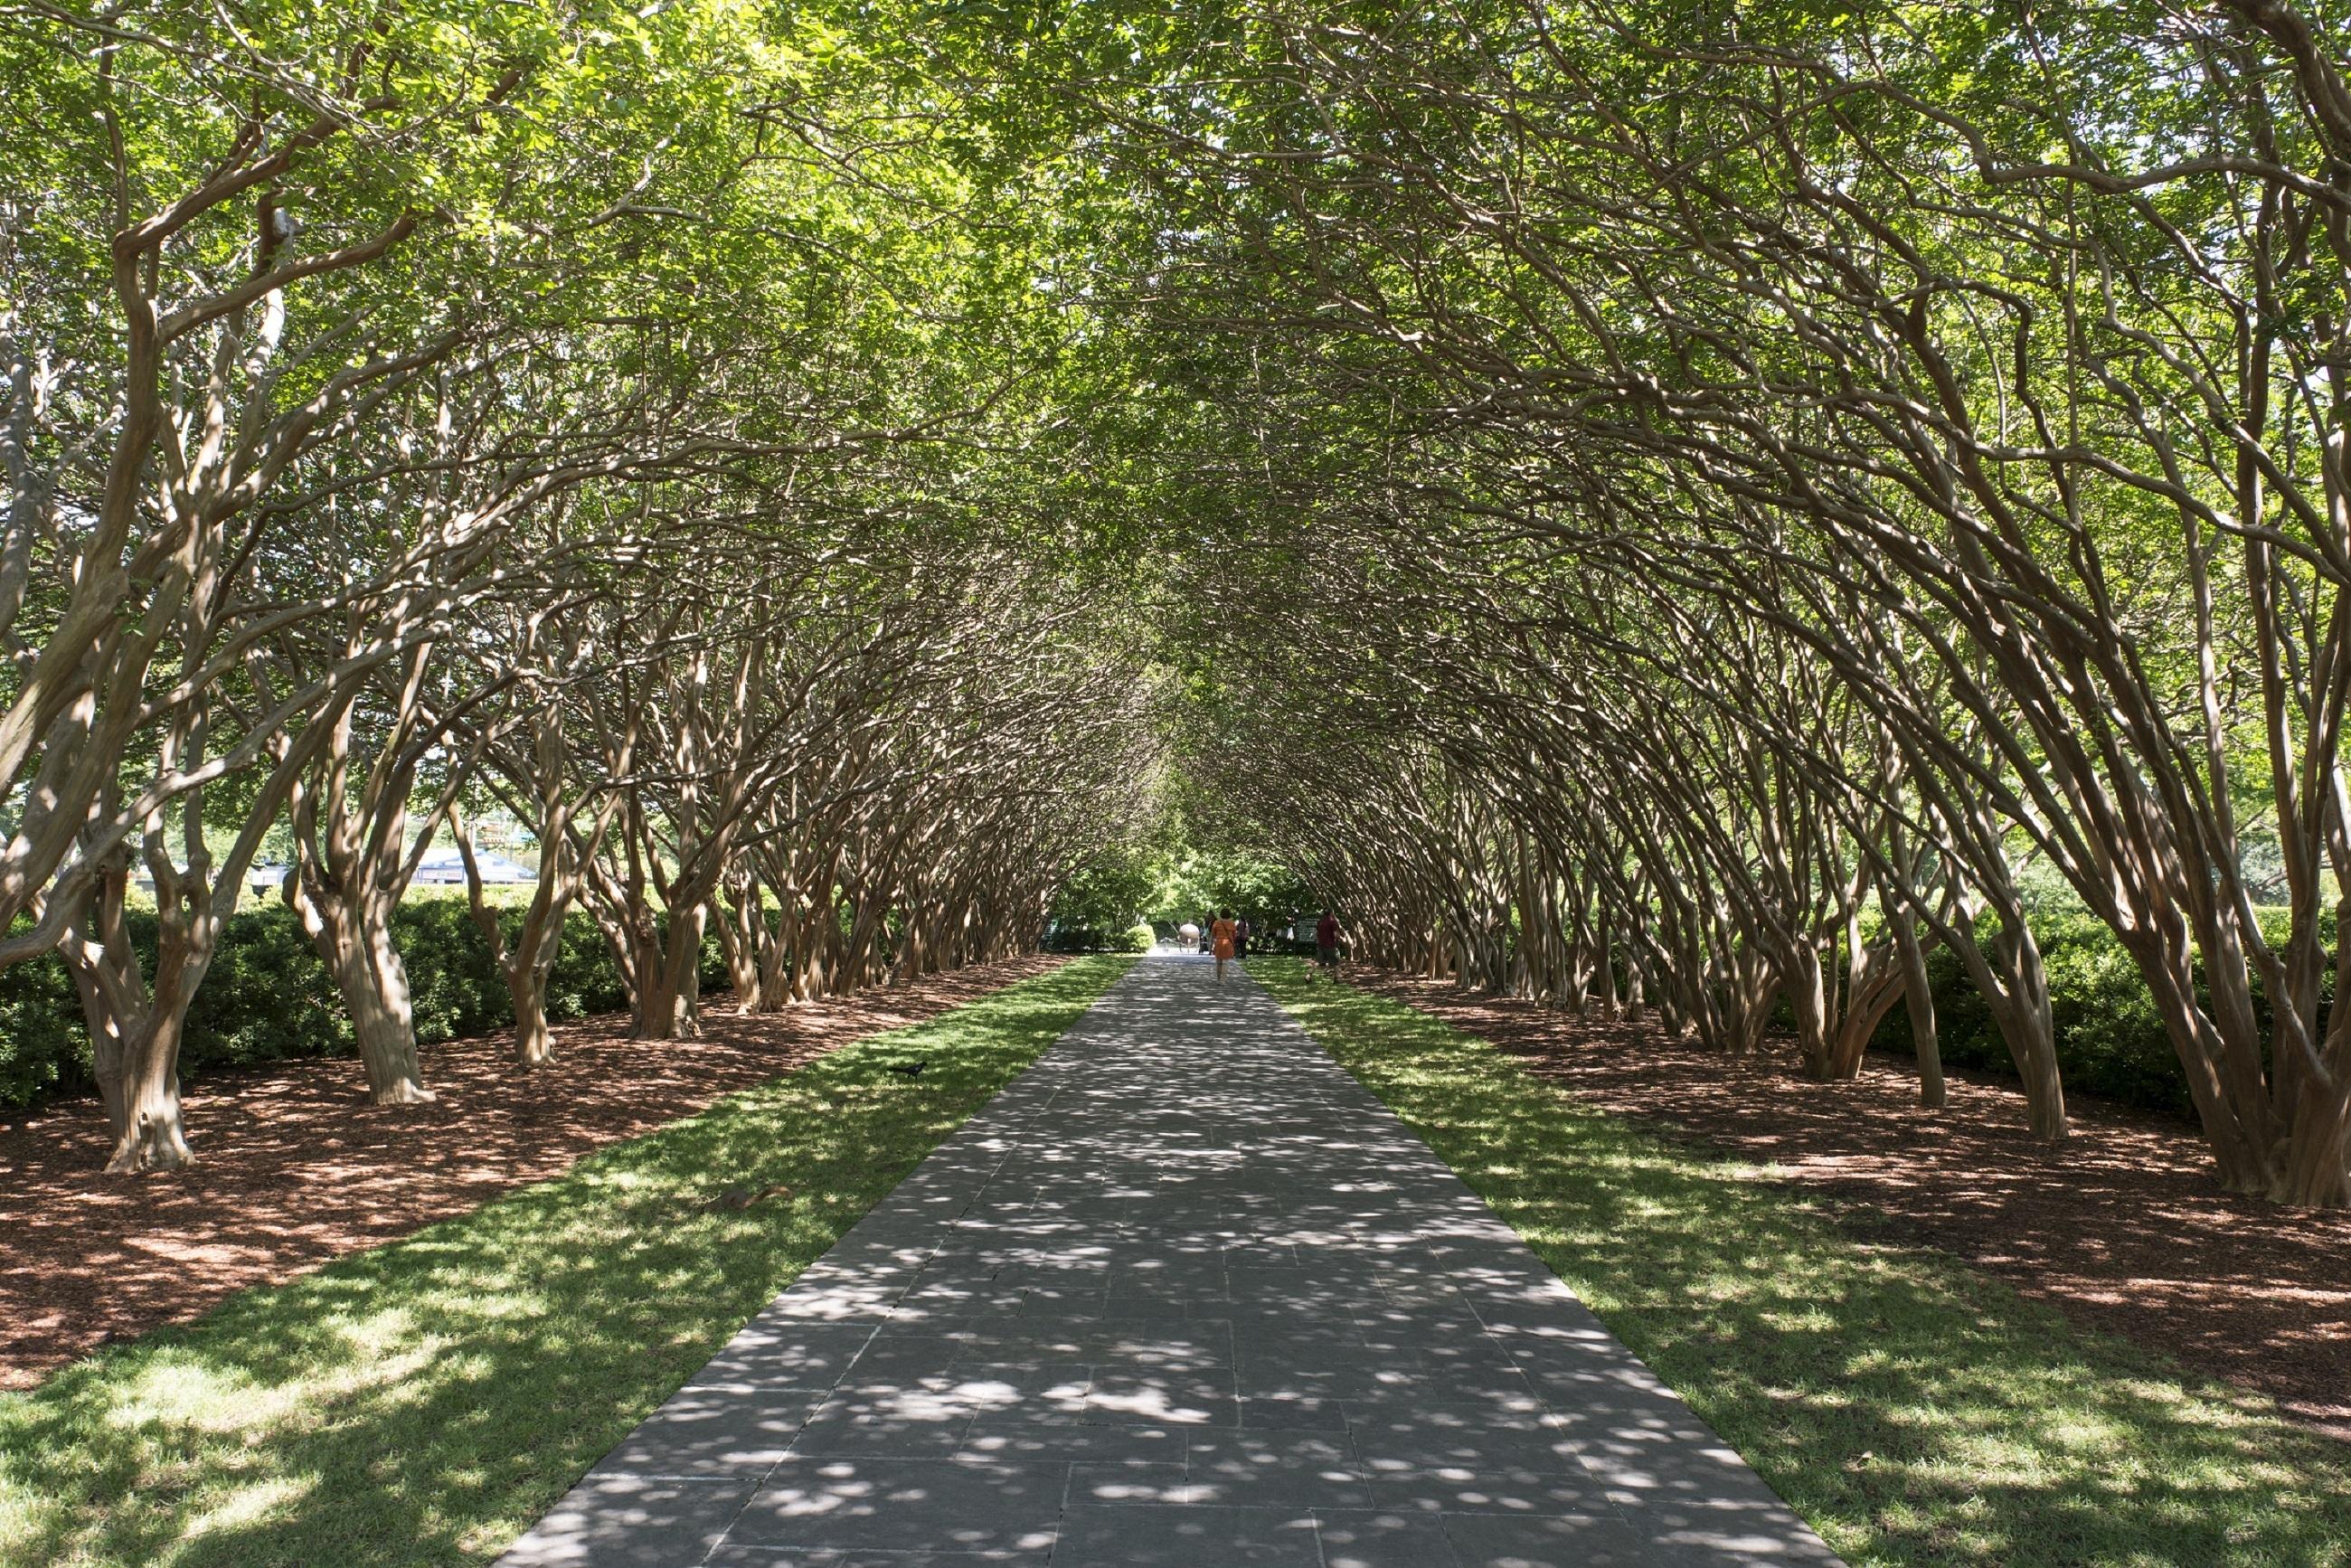 Gratuites arbre la nature forªt chemin piéton plante